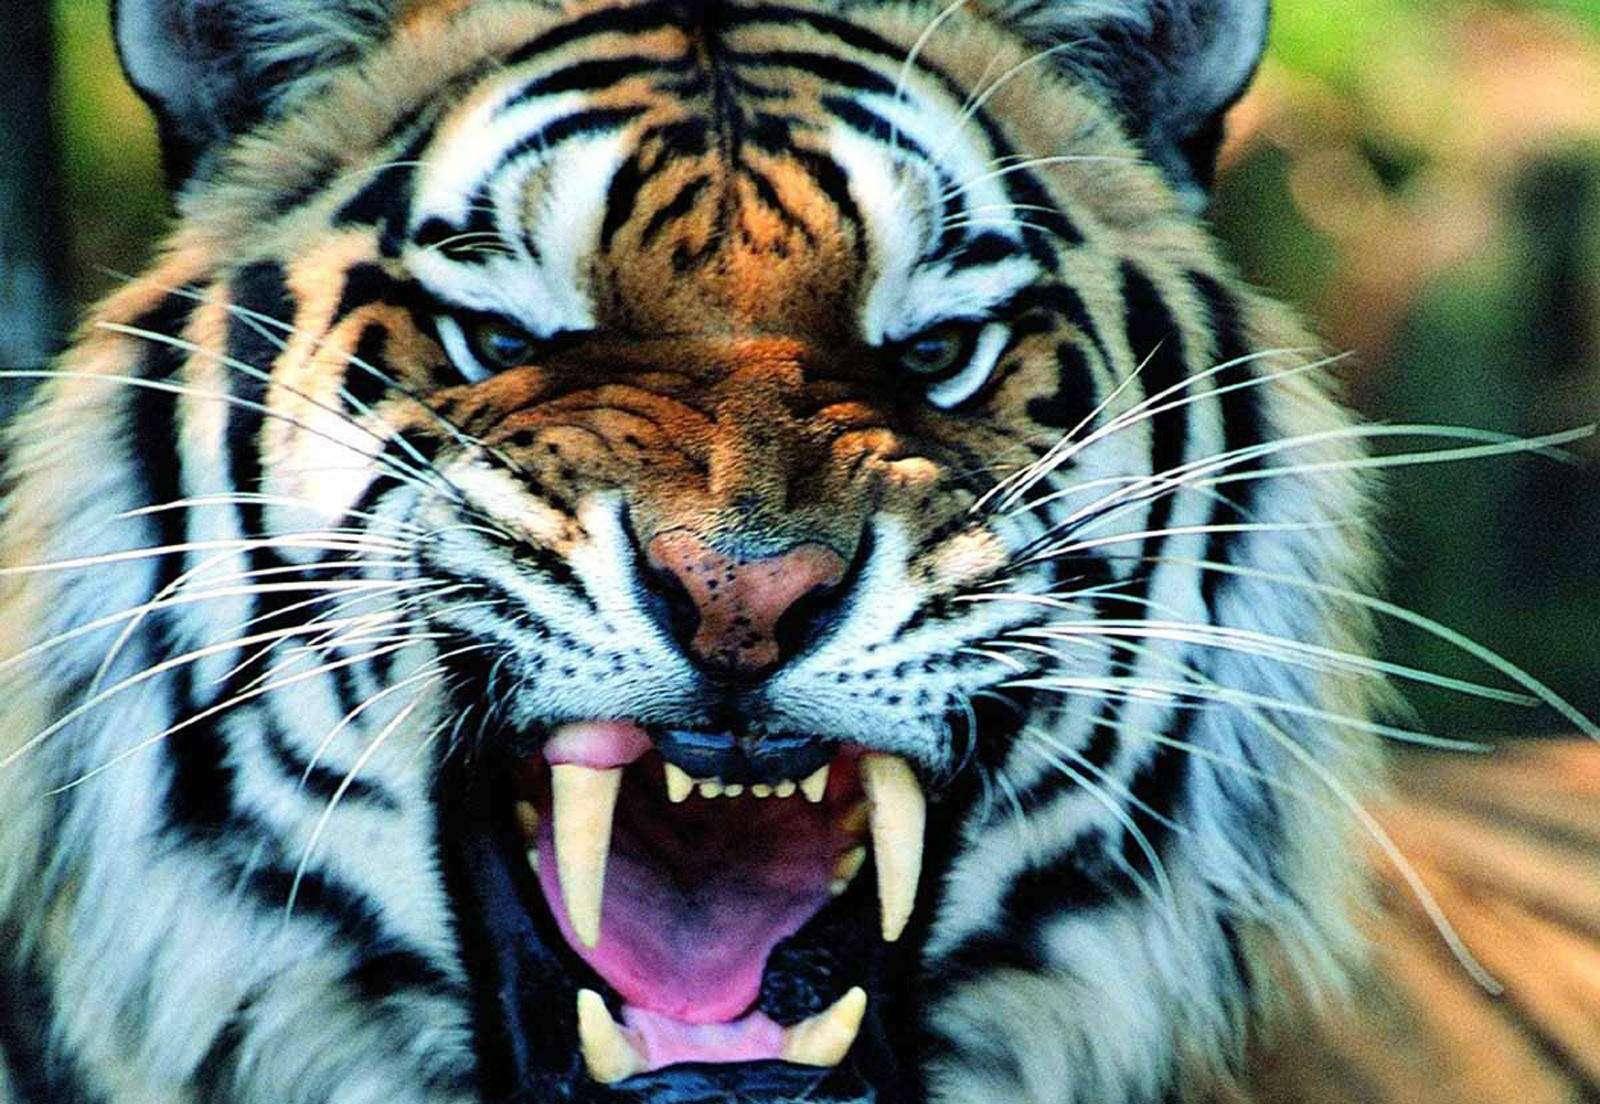 庄子说人类三种劣根性:螳螂的傲气、老虎的脾性、骏马的习气,赞